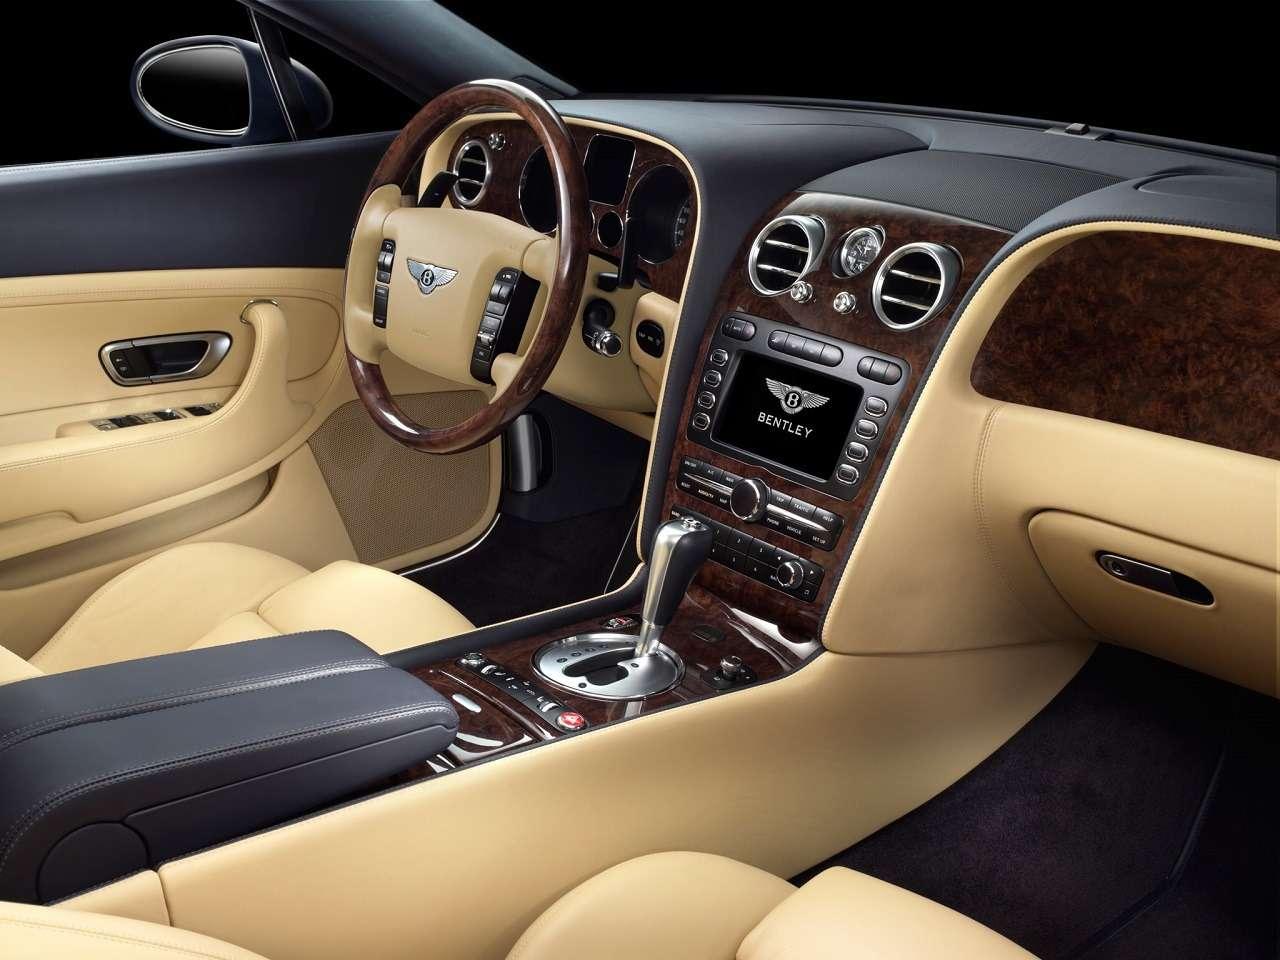 Роскошь недорого: как выбрать Bentley спробегом (инеразориться потом)— фото 1242685